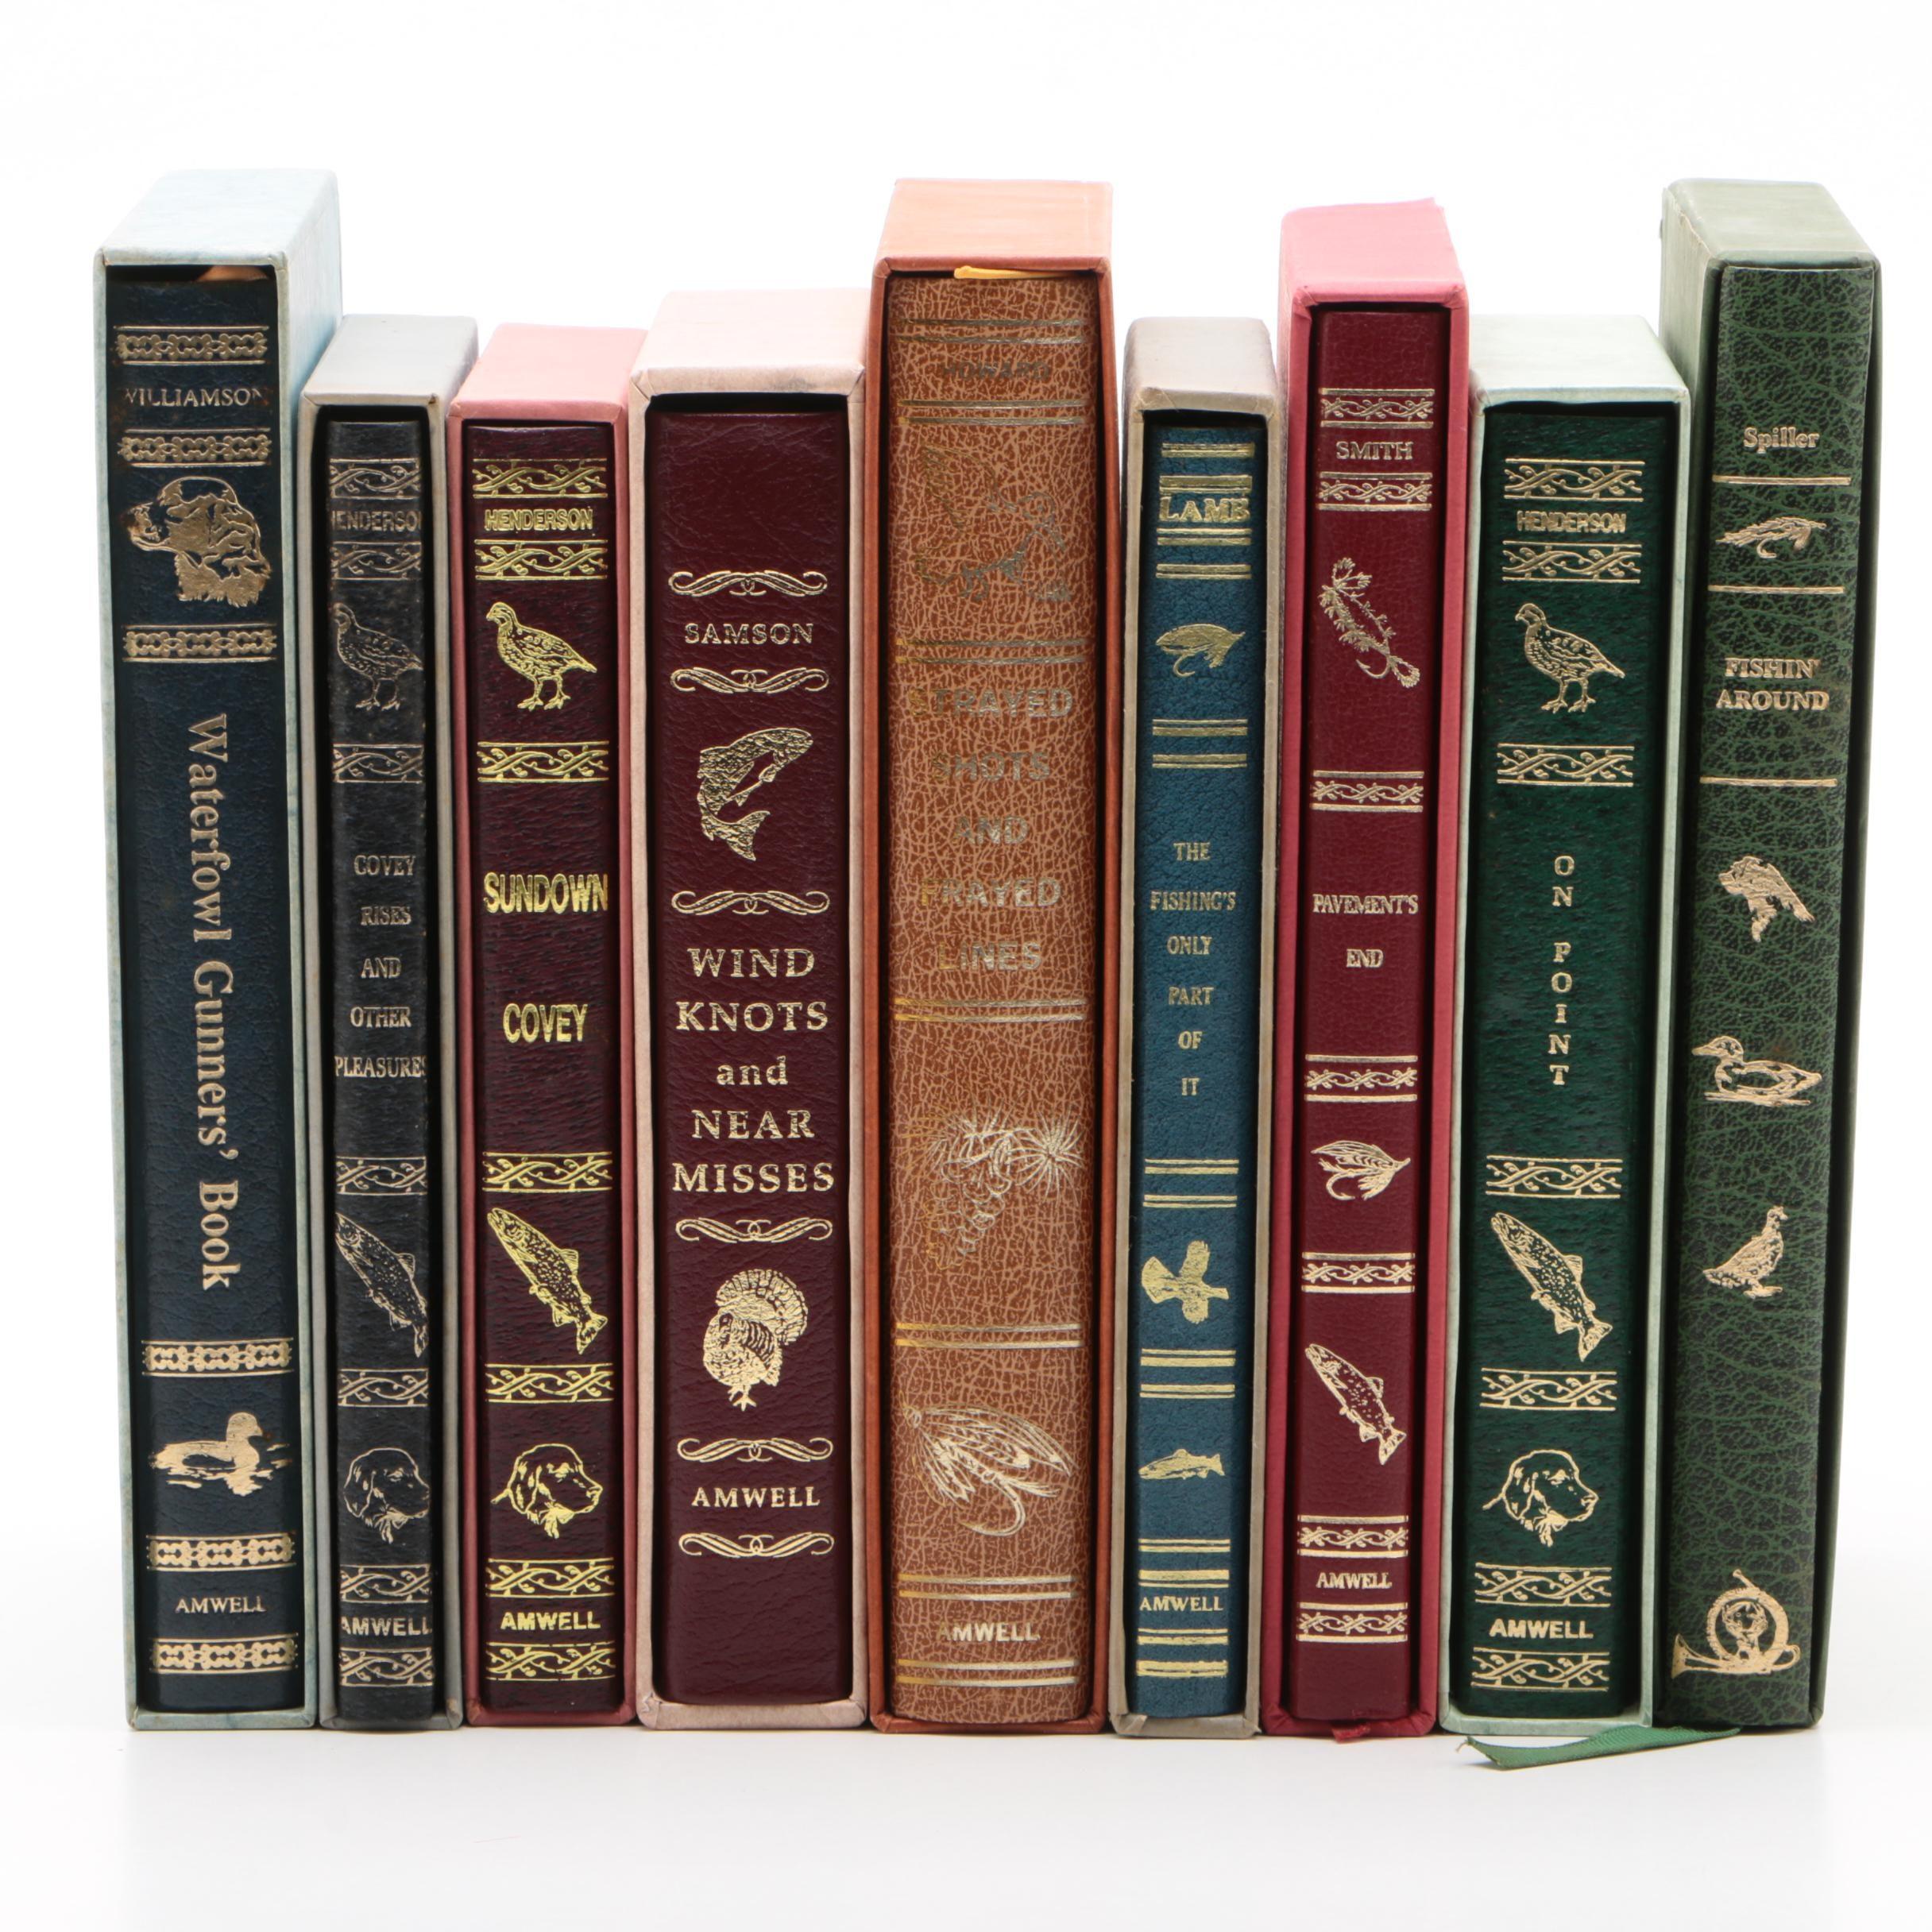 Amwell Press Fishing and Waterfowl Hunting Anthology Books